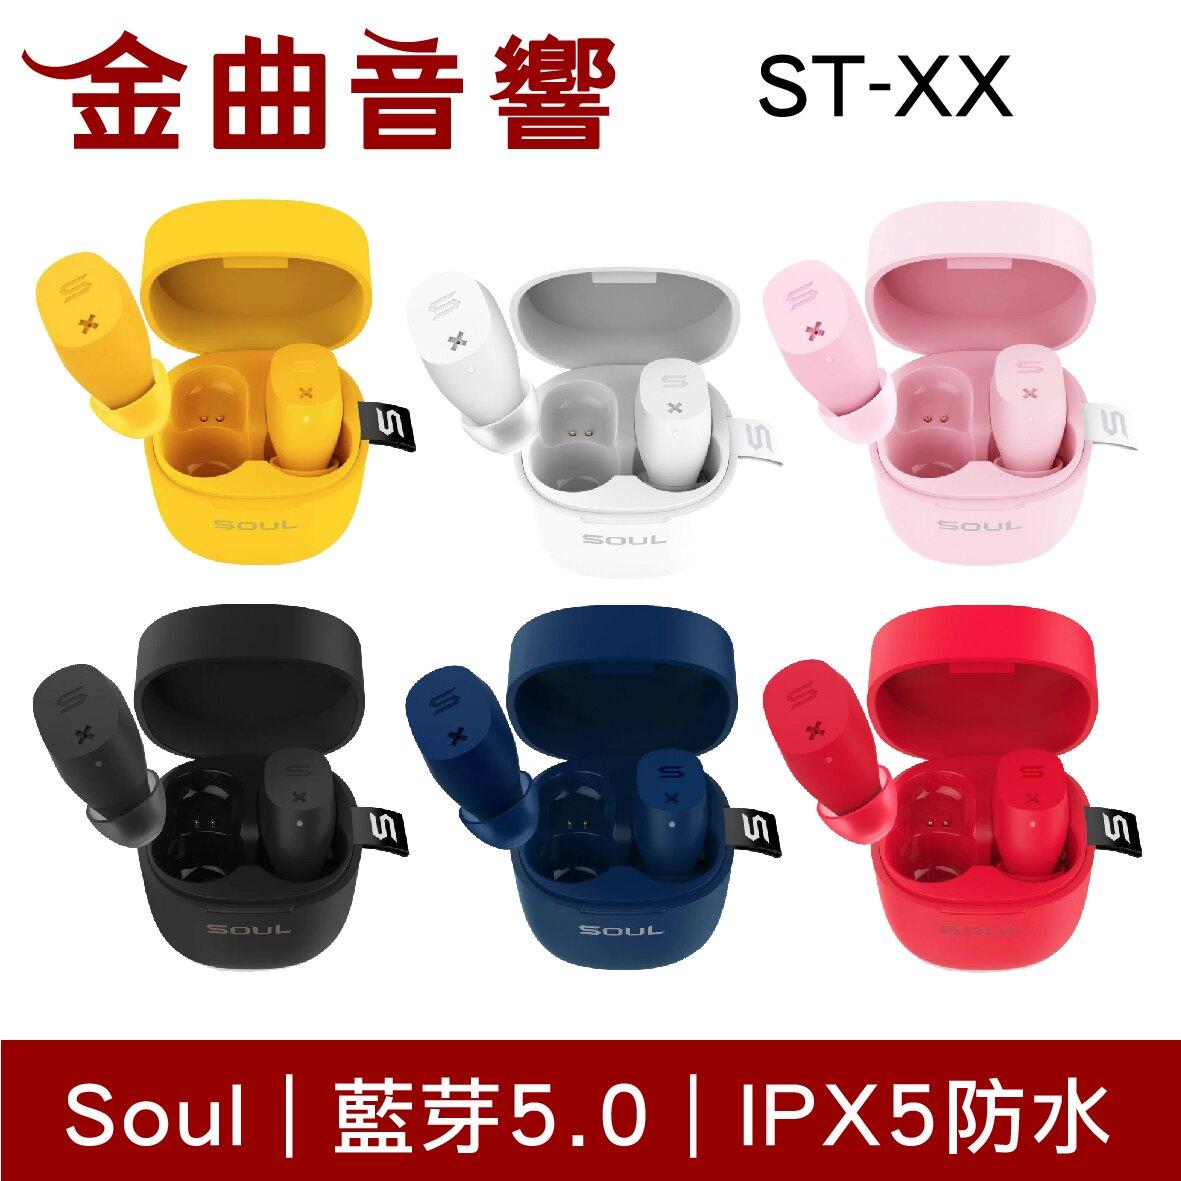 Soul ST-XX 白色 高性能 輕巧 防水 真無線 藍芽耳機 | 金曲音響